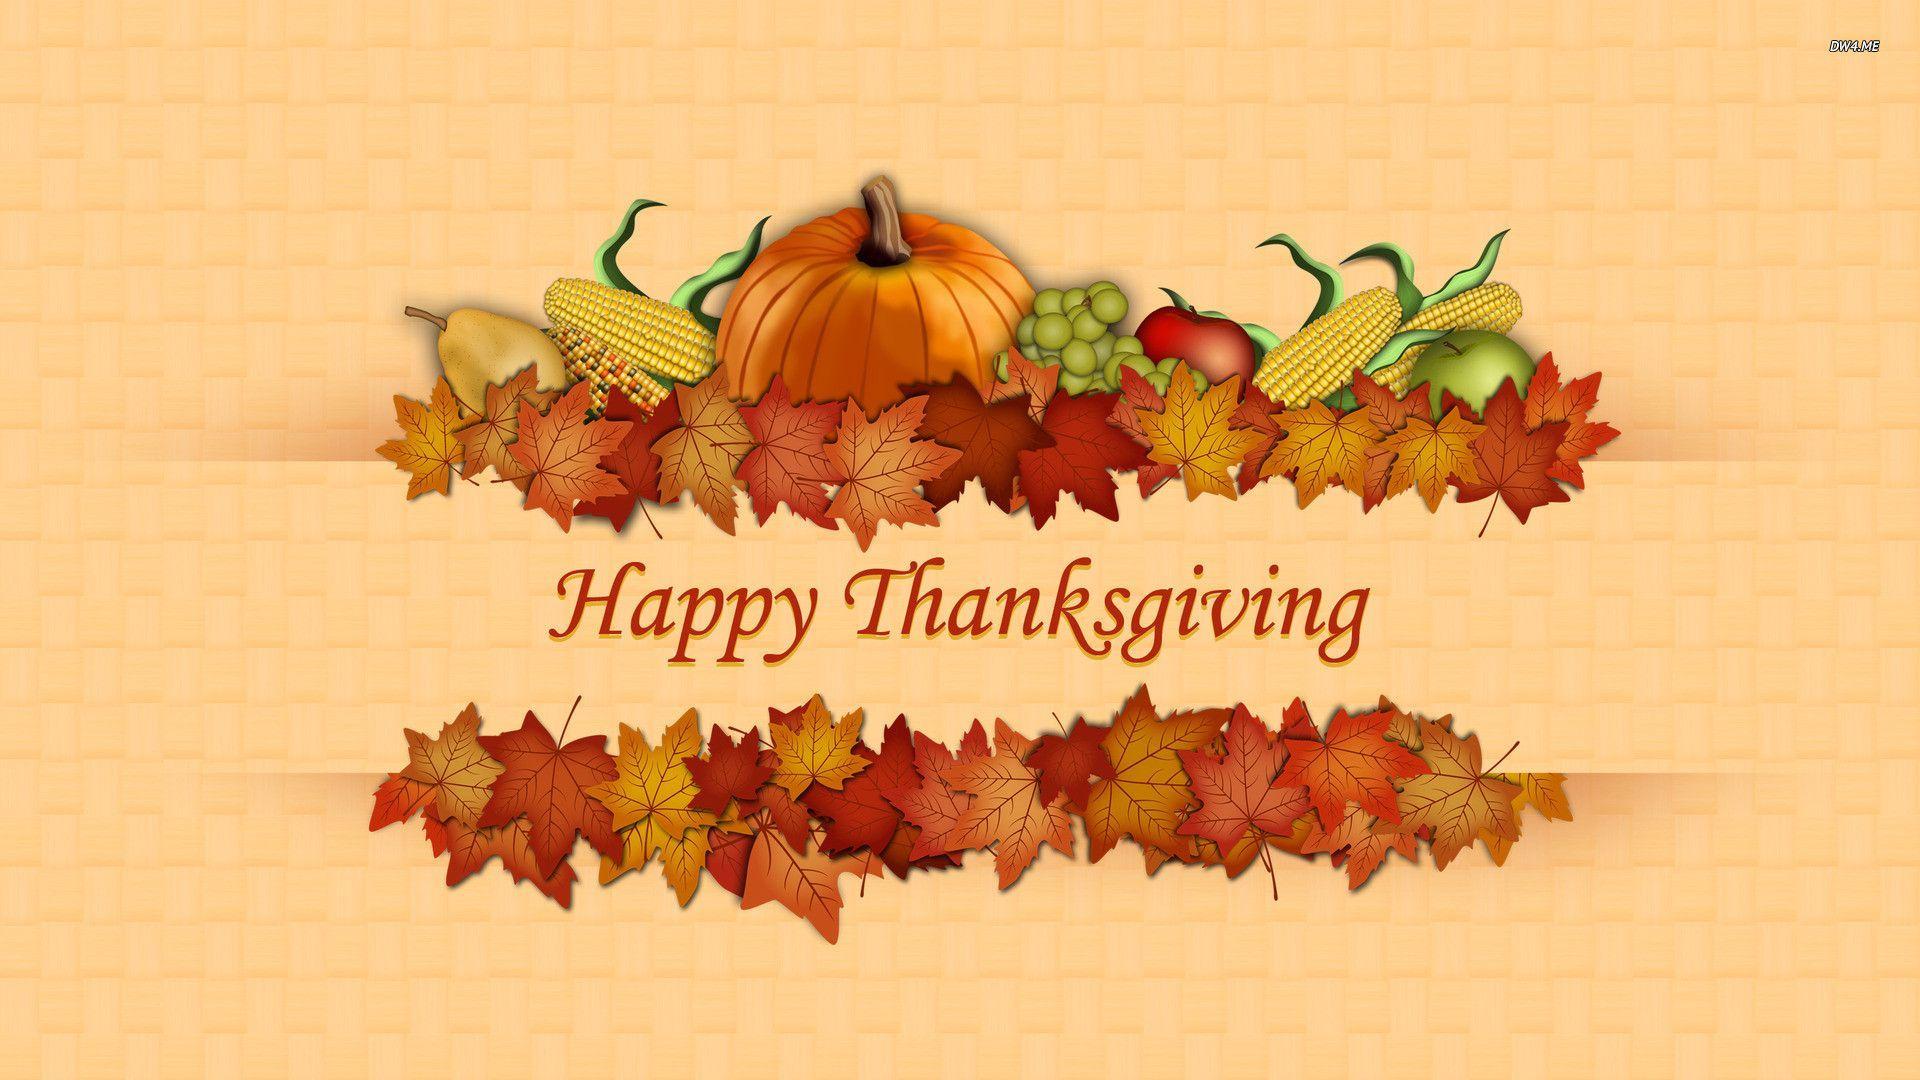 thanksgiving desktop wallpapers backgrounds   SF Wallpaper 1920x1080